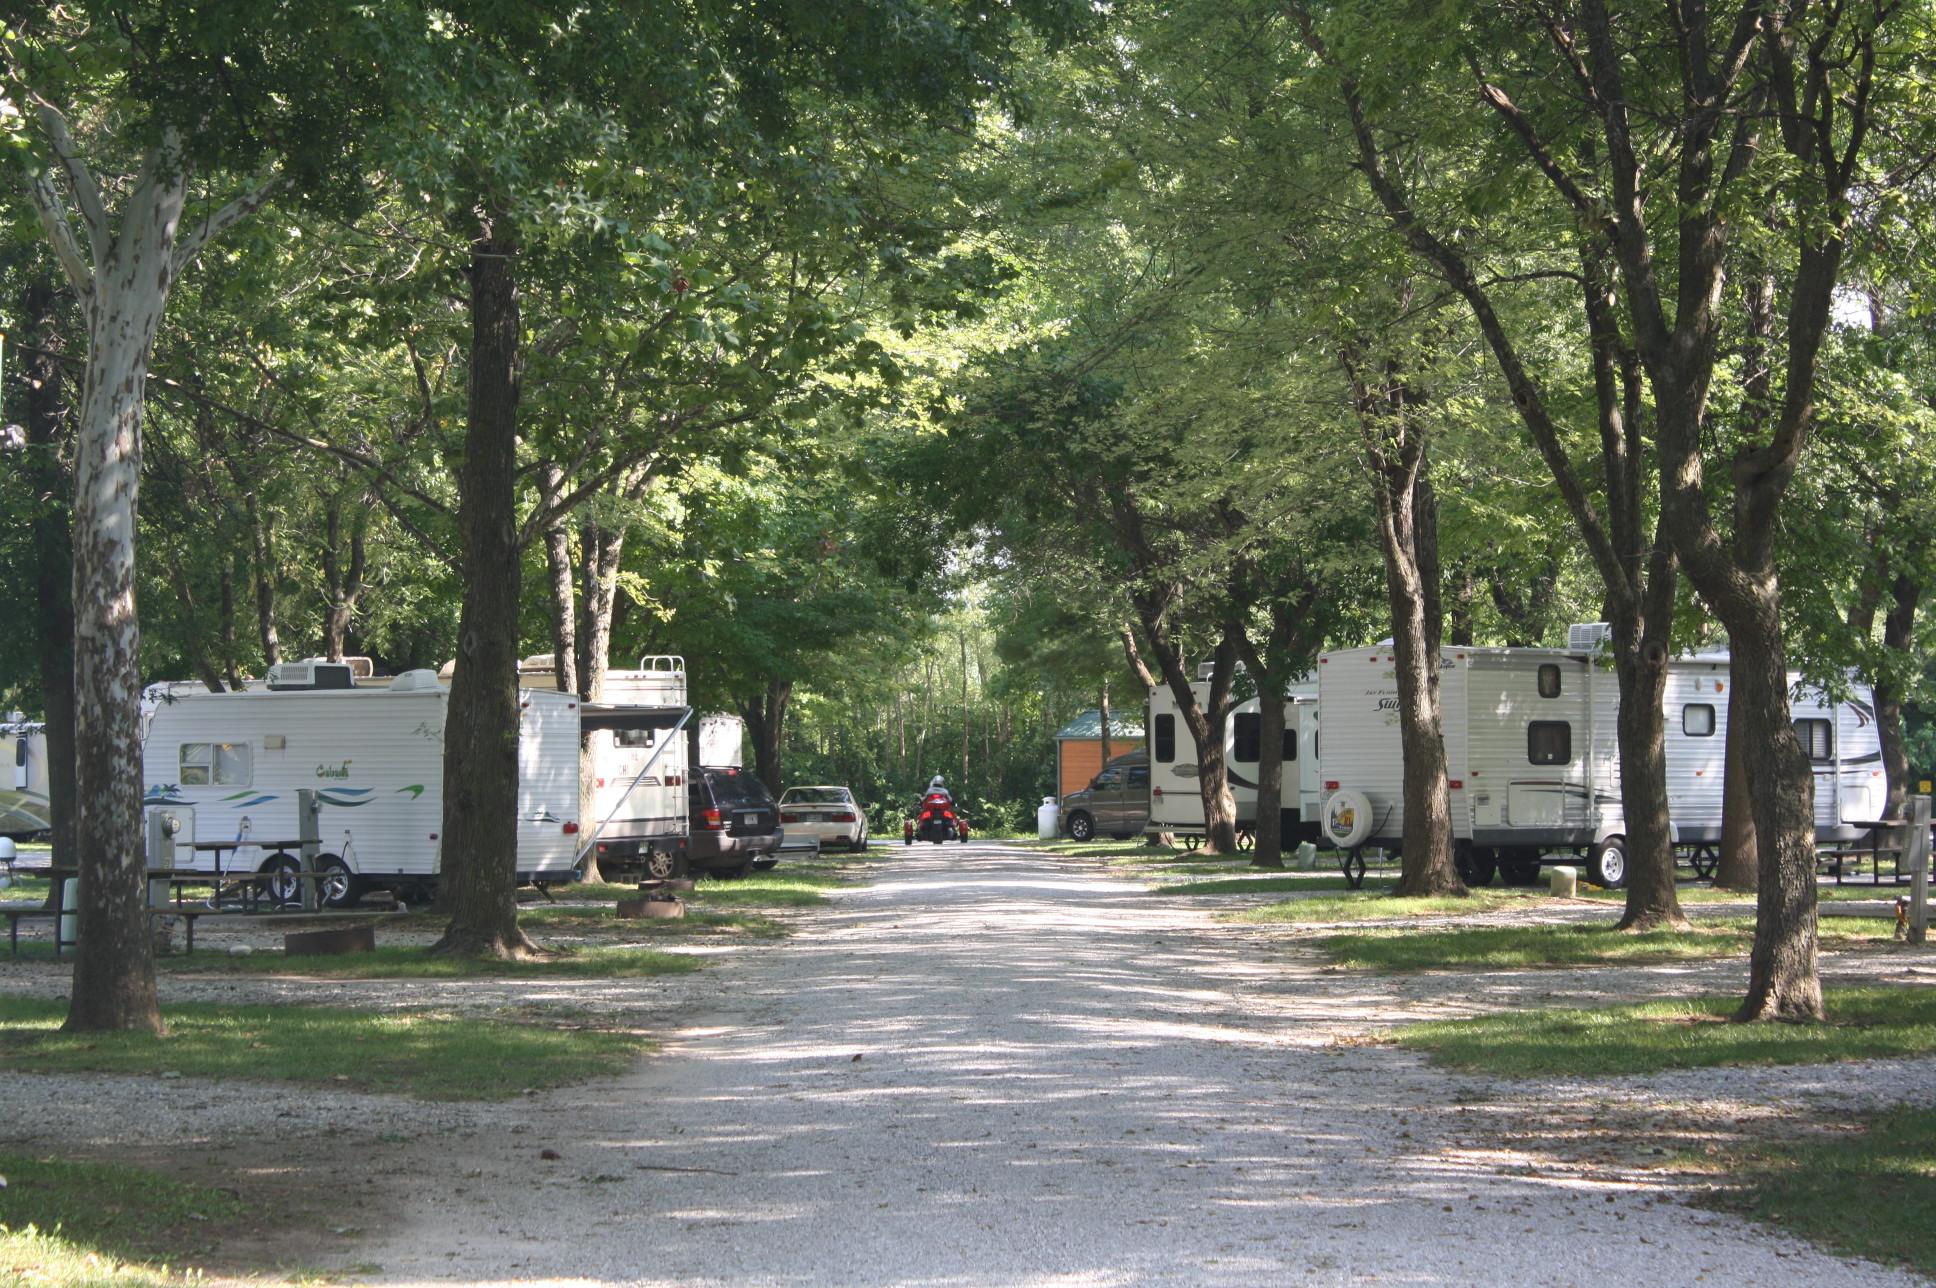 Springfield / Route 66 KOA Holiday image 7